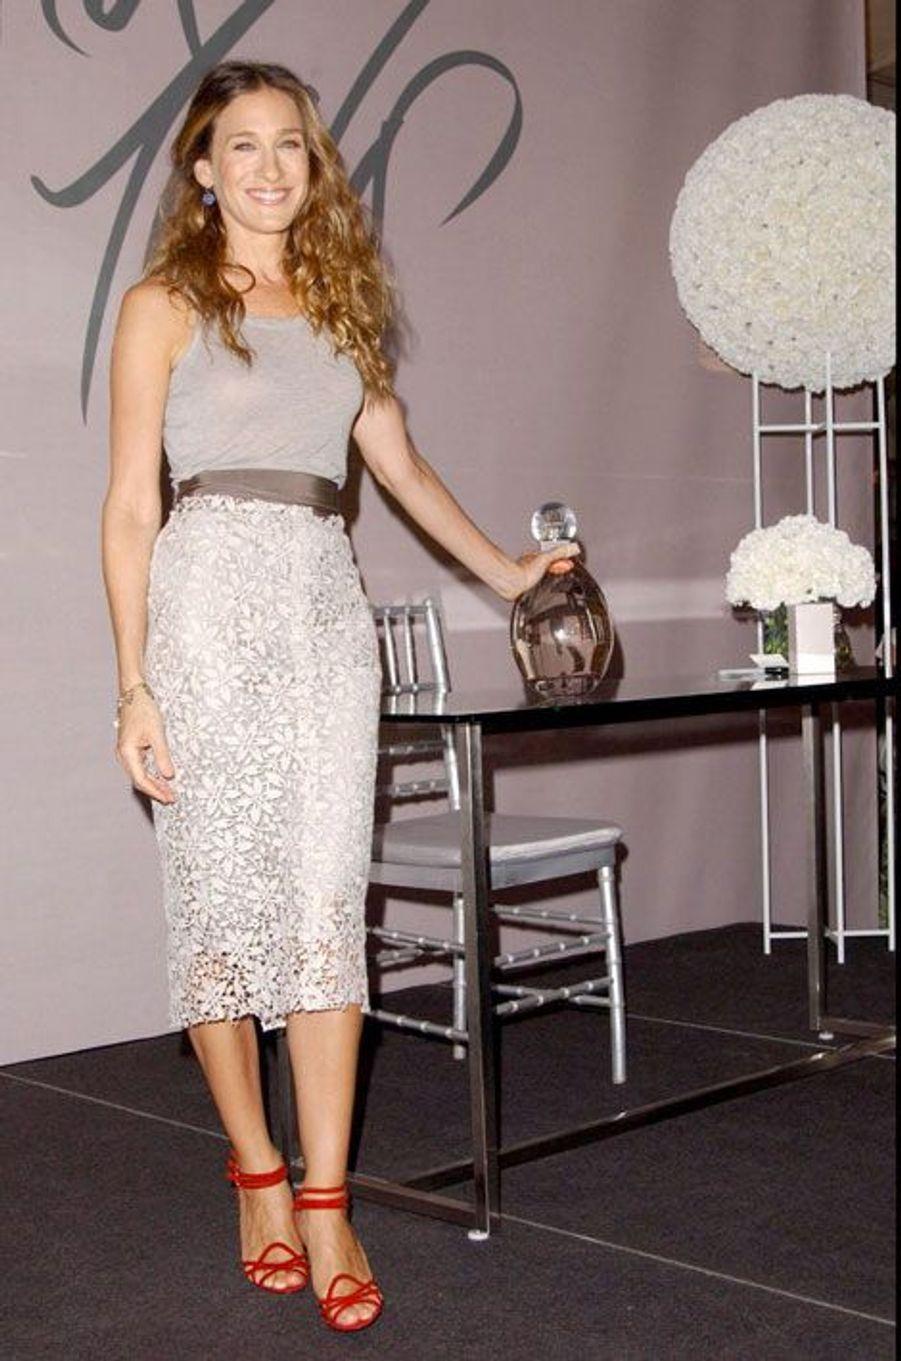 De passage à Paris en mai 2008, Sarah Jessica Parker a présenté la réédition de sa fragrance Lovely, imaginée avec Lancaster trois ans plus tôt.